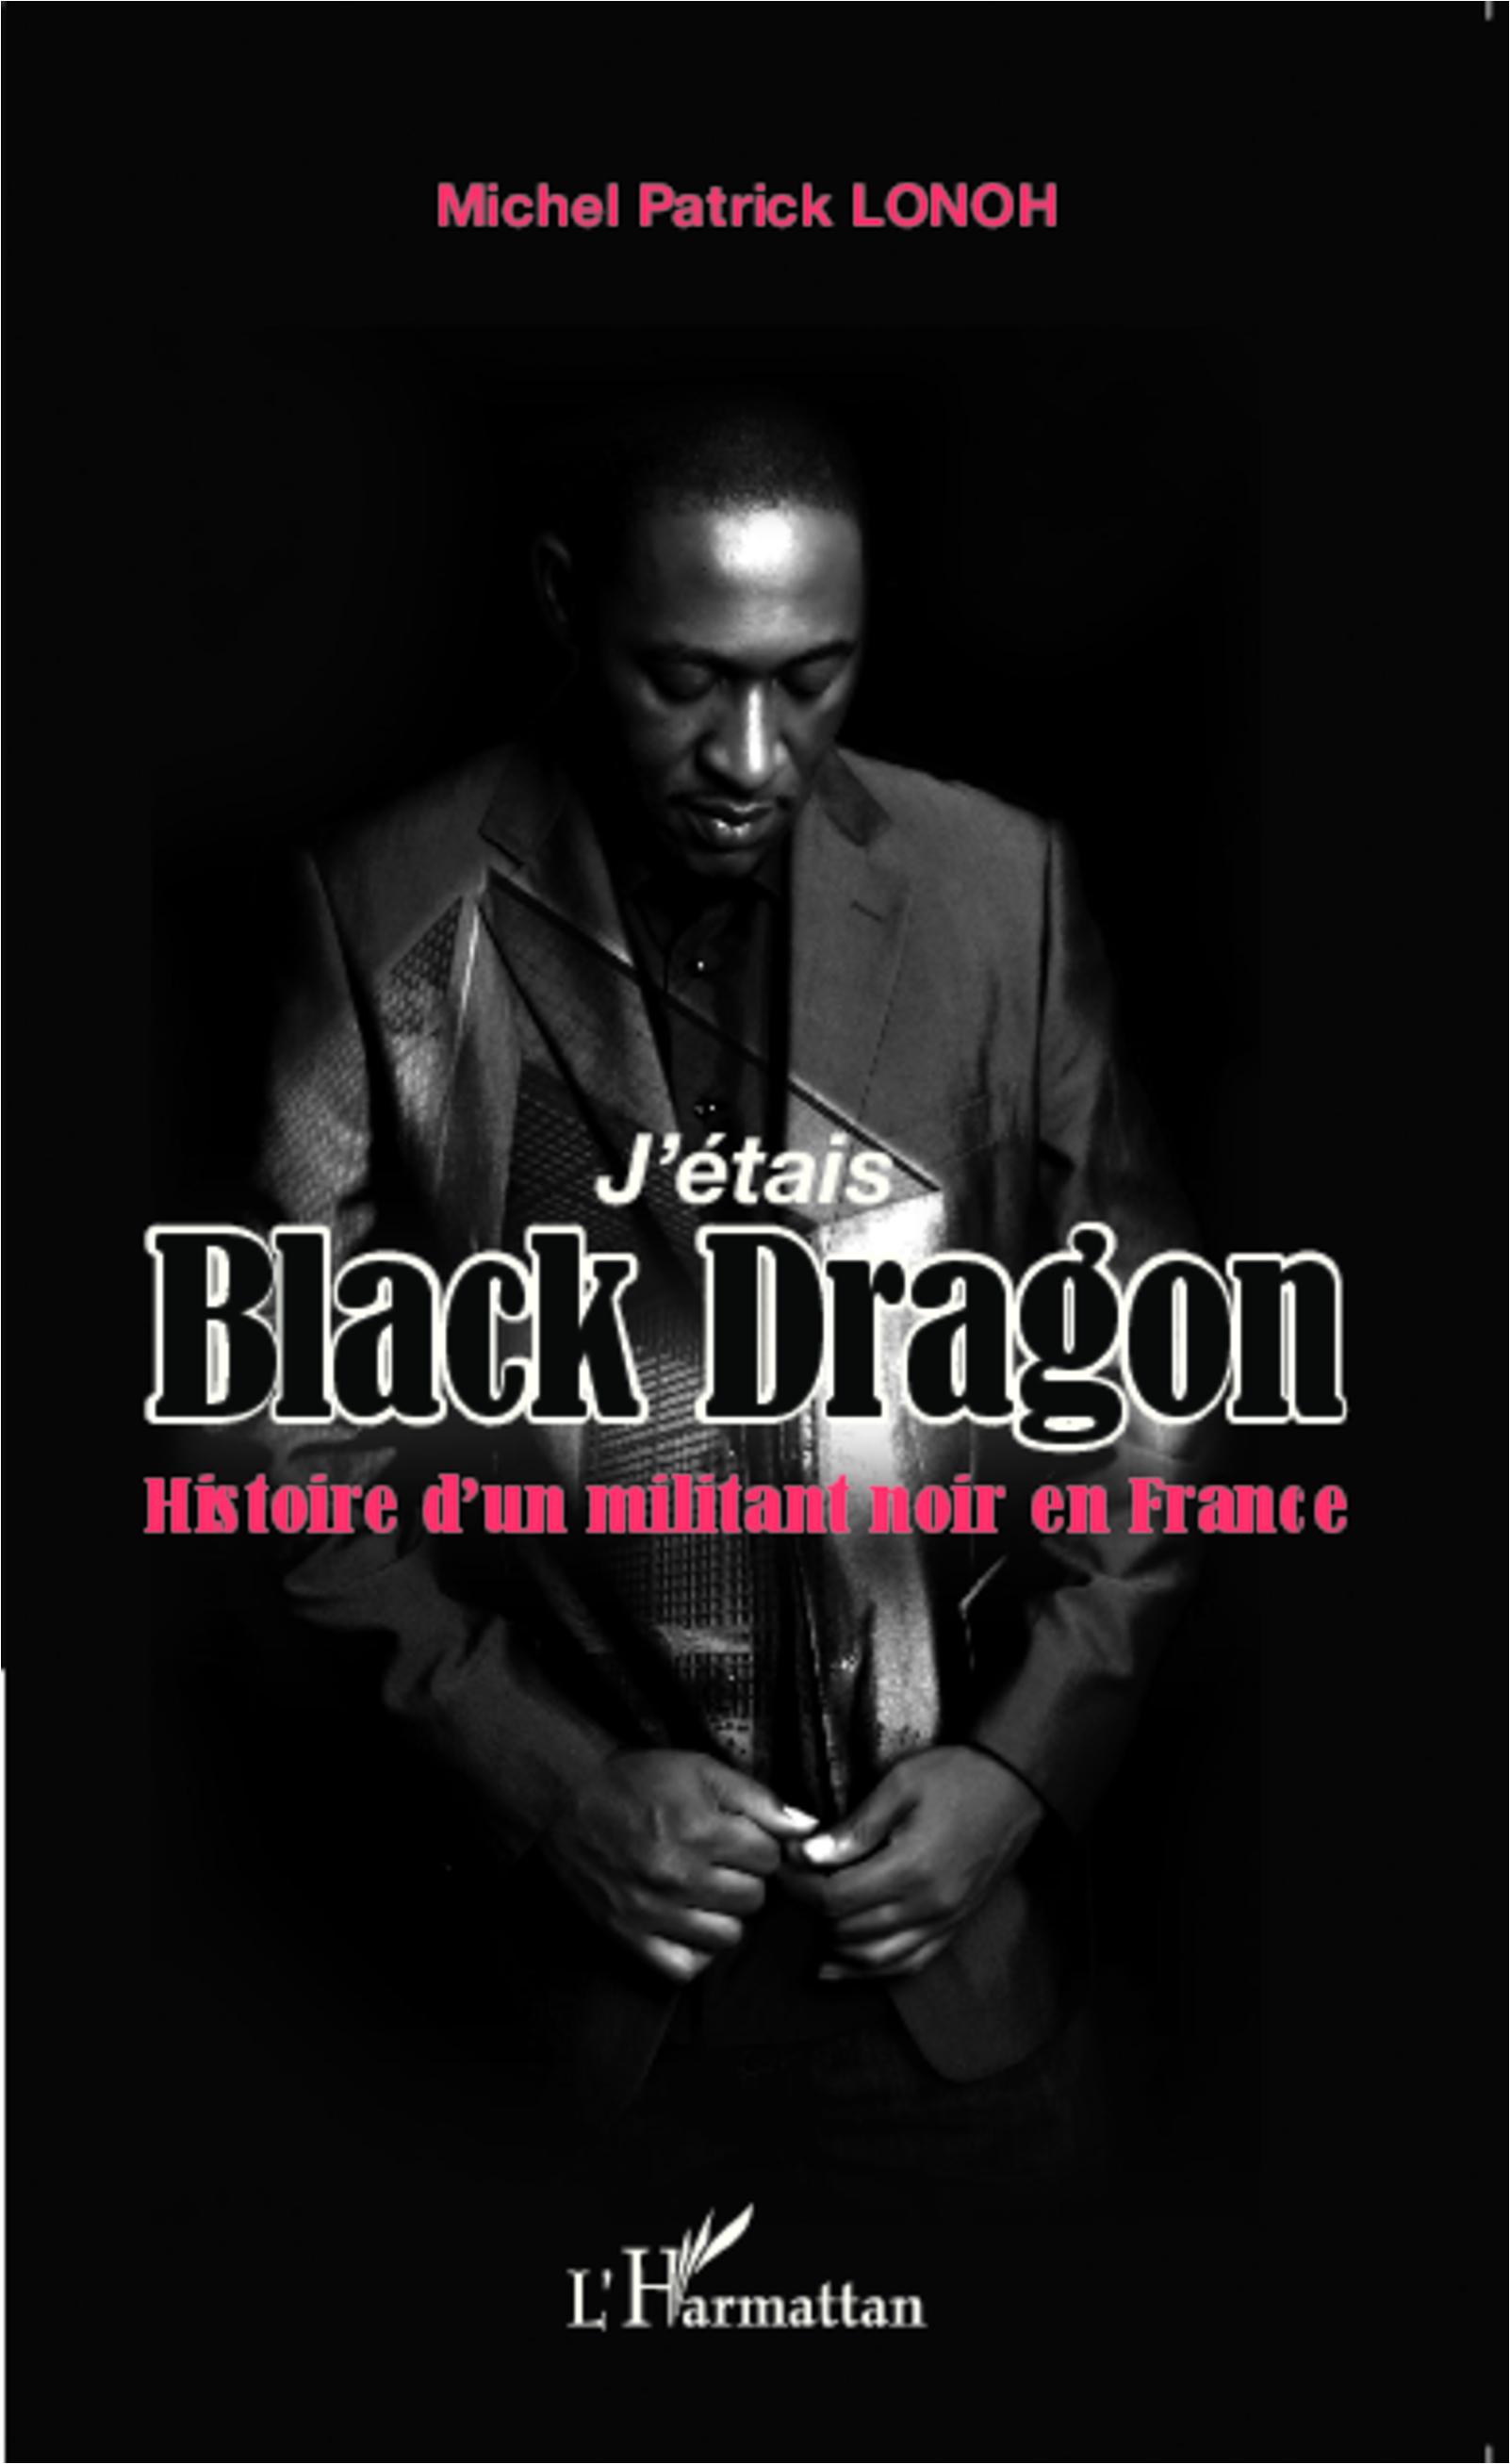 J'ETAIS BLACK DRAGON HISTOIRE D'UN MILITANT NOIR EN FRANCE